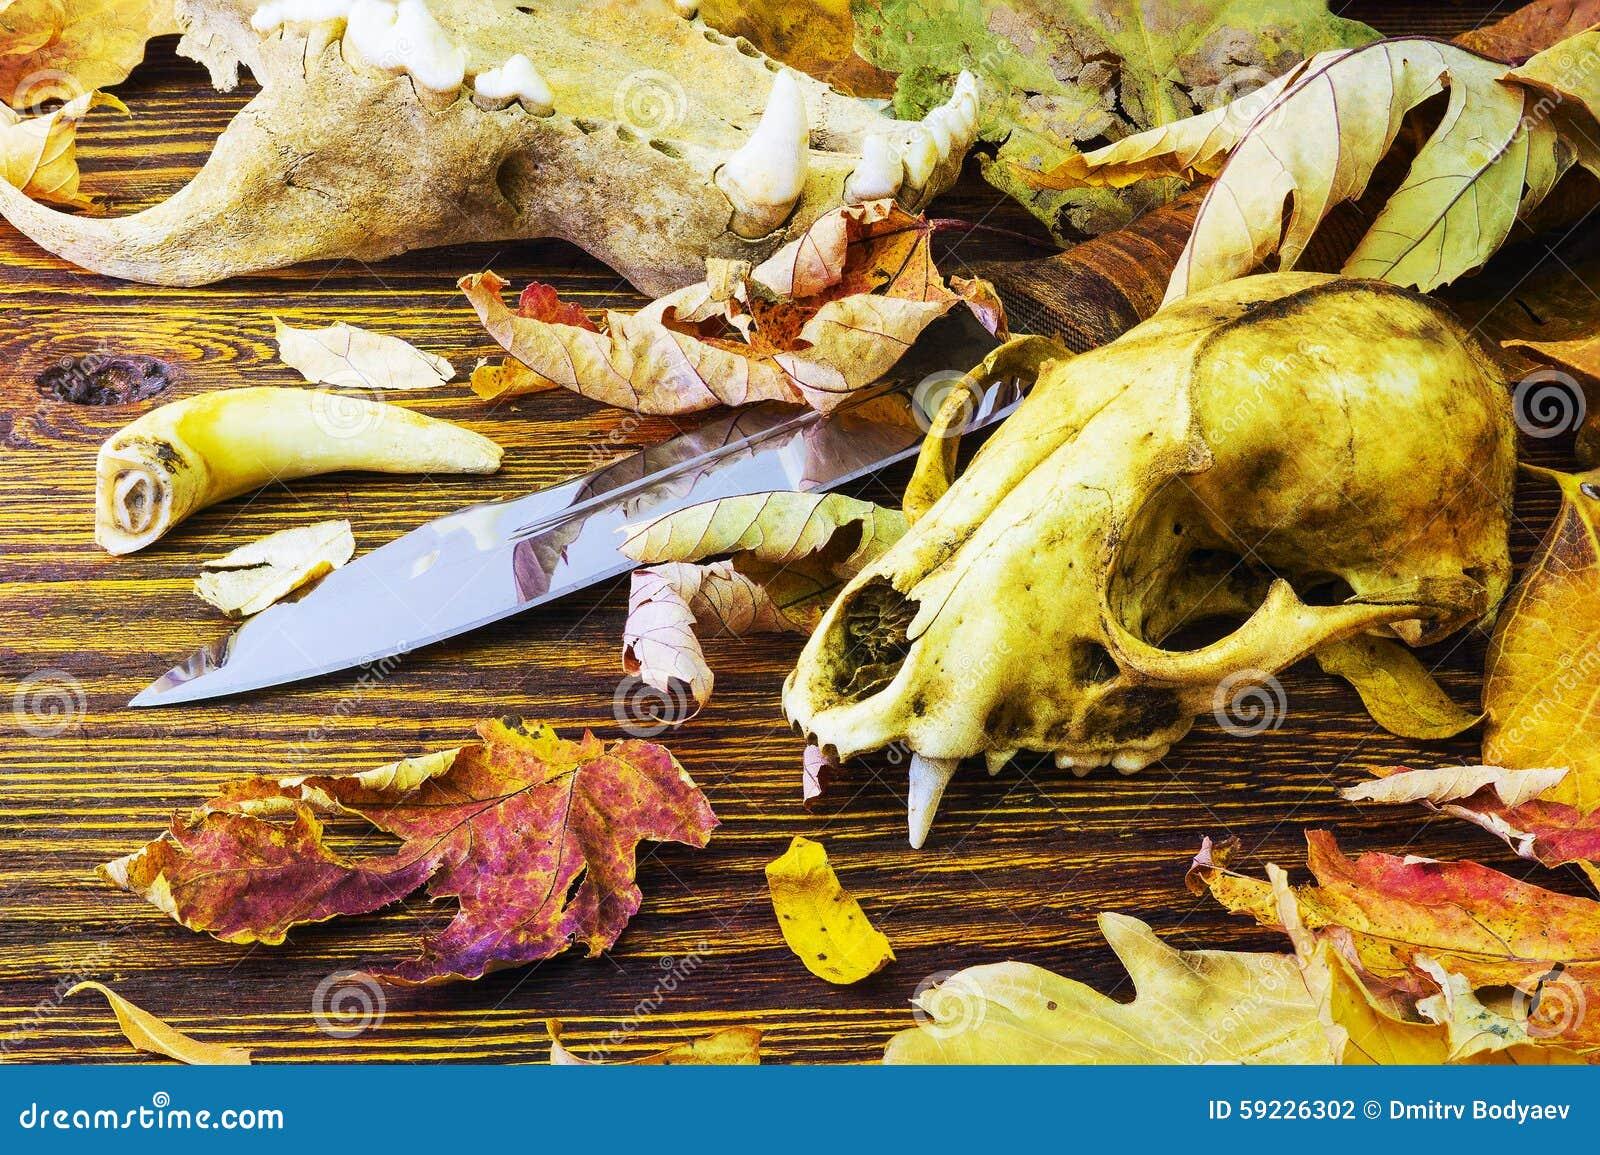 El cuchillo rodeado por los huesos animales en la descomposición se va